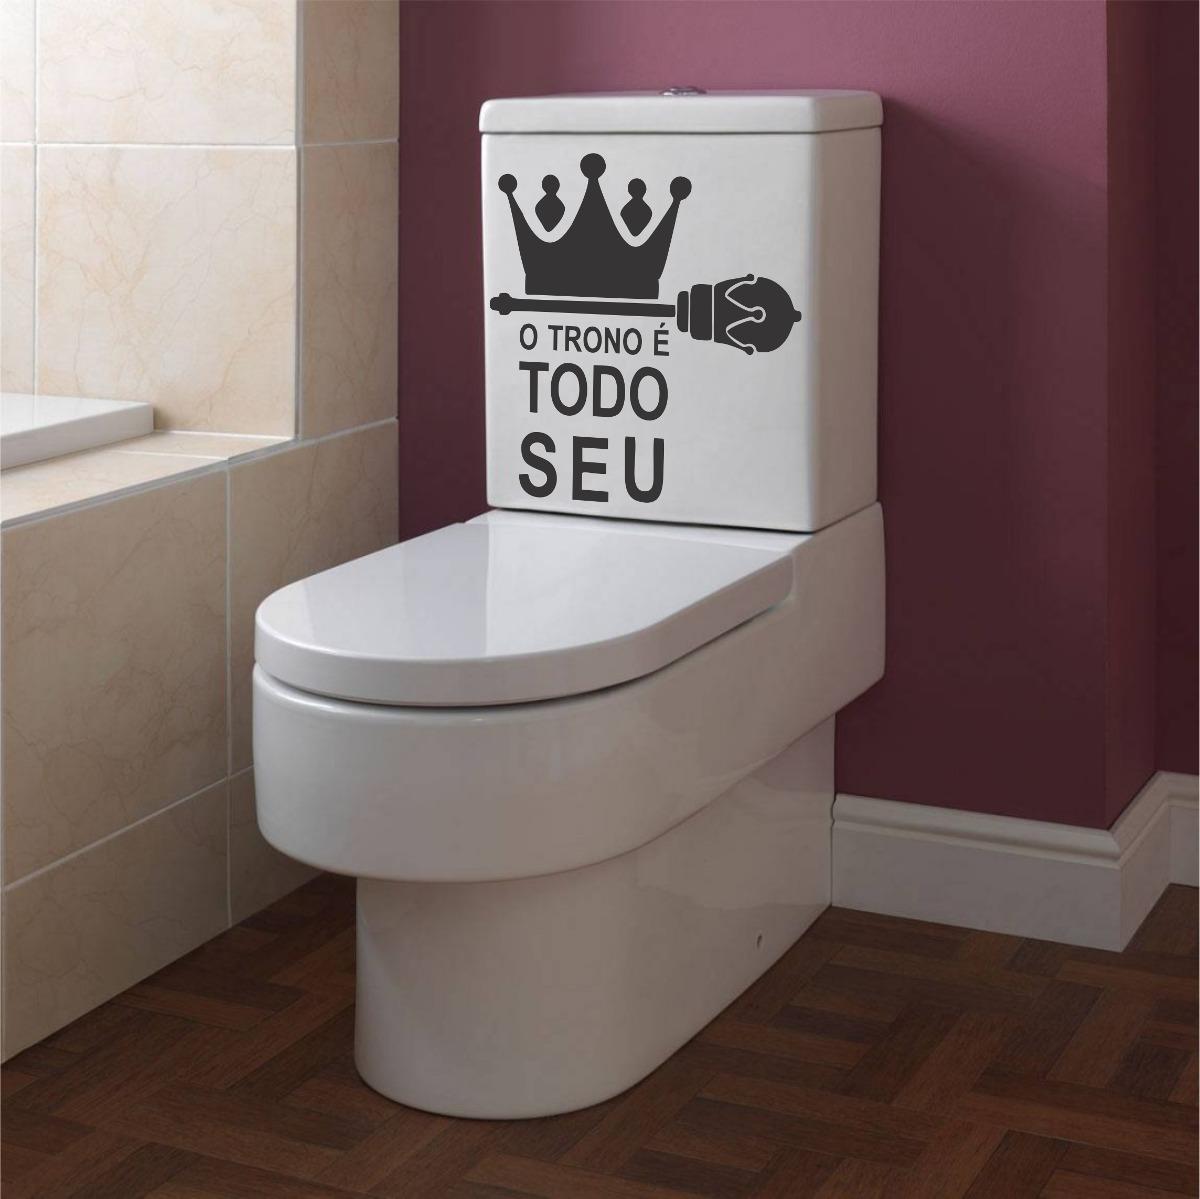 De Mais Vida ao Ambiente Adesivos Decorativos para Banheiro  Max Dicas -> Adesivos Para Pia De Banheiro